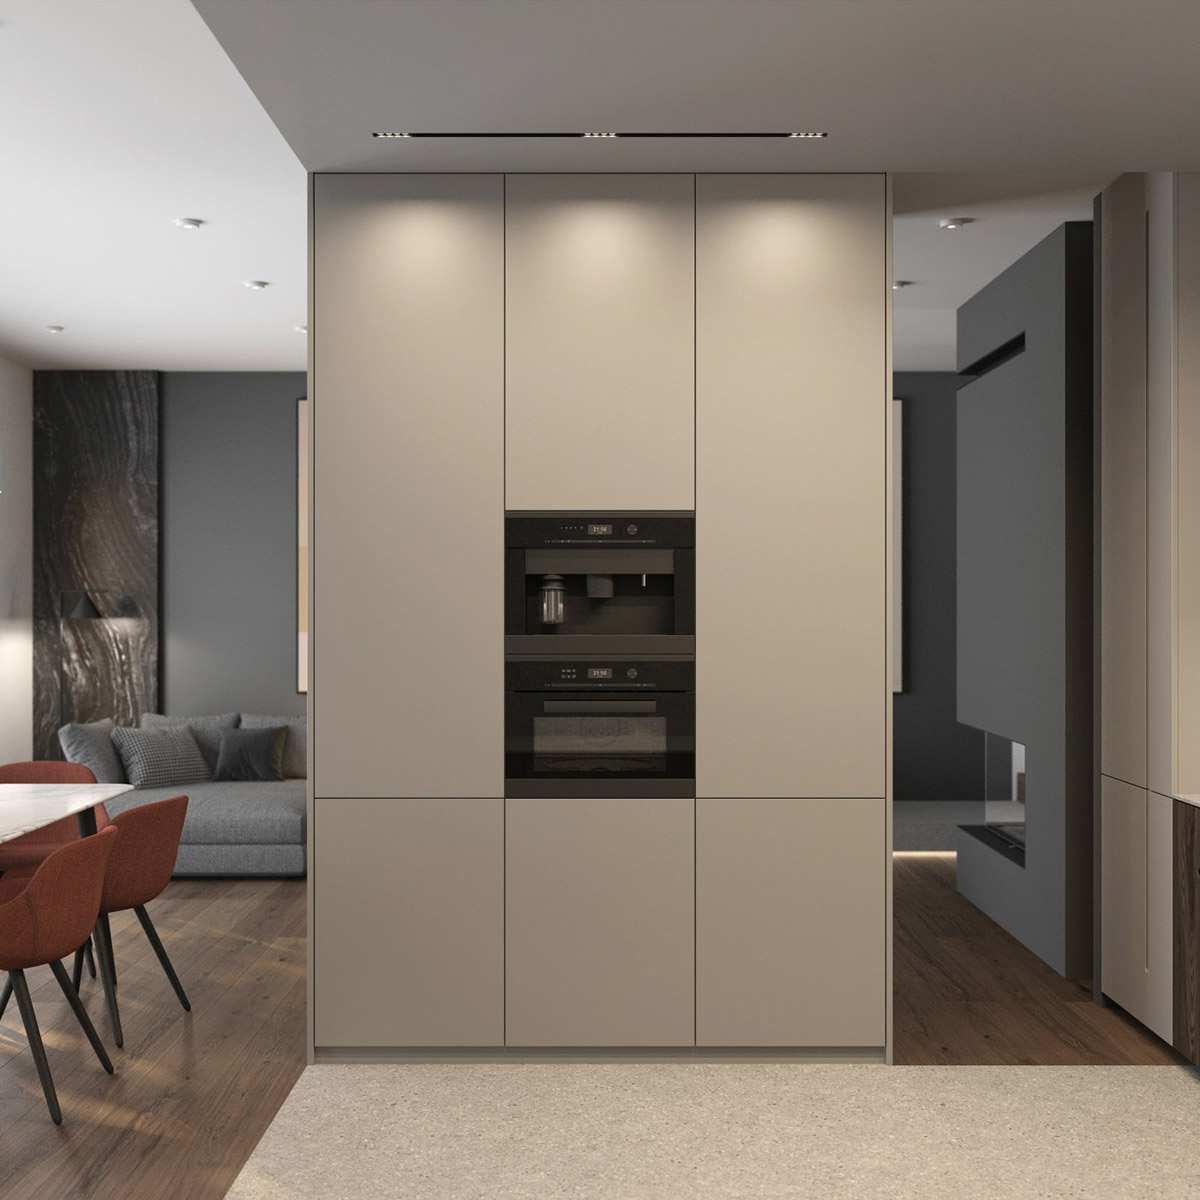 طراحی داخلی 3 نمونه آپارتمان با تم خاکستری - Grey Based Decor 16